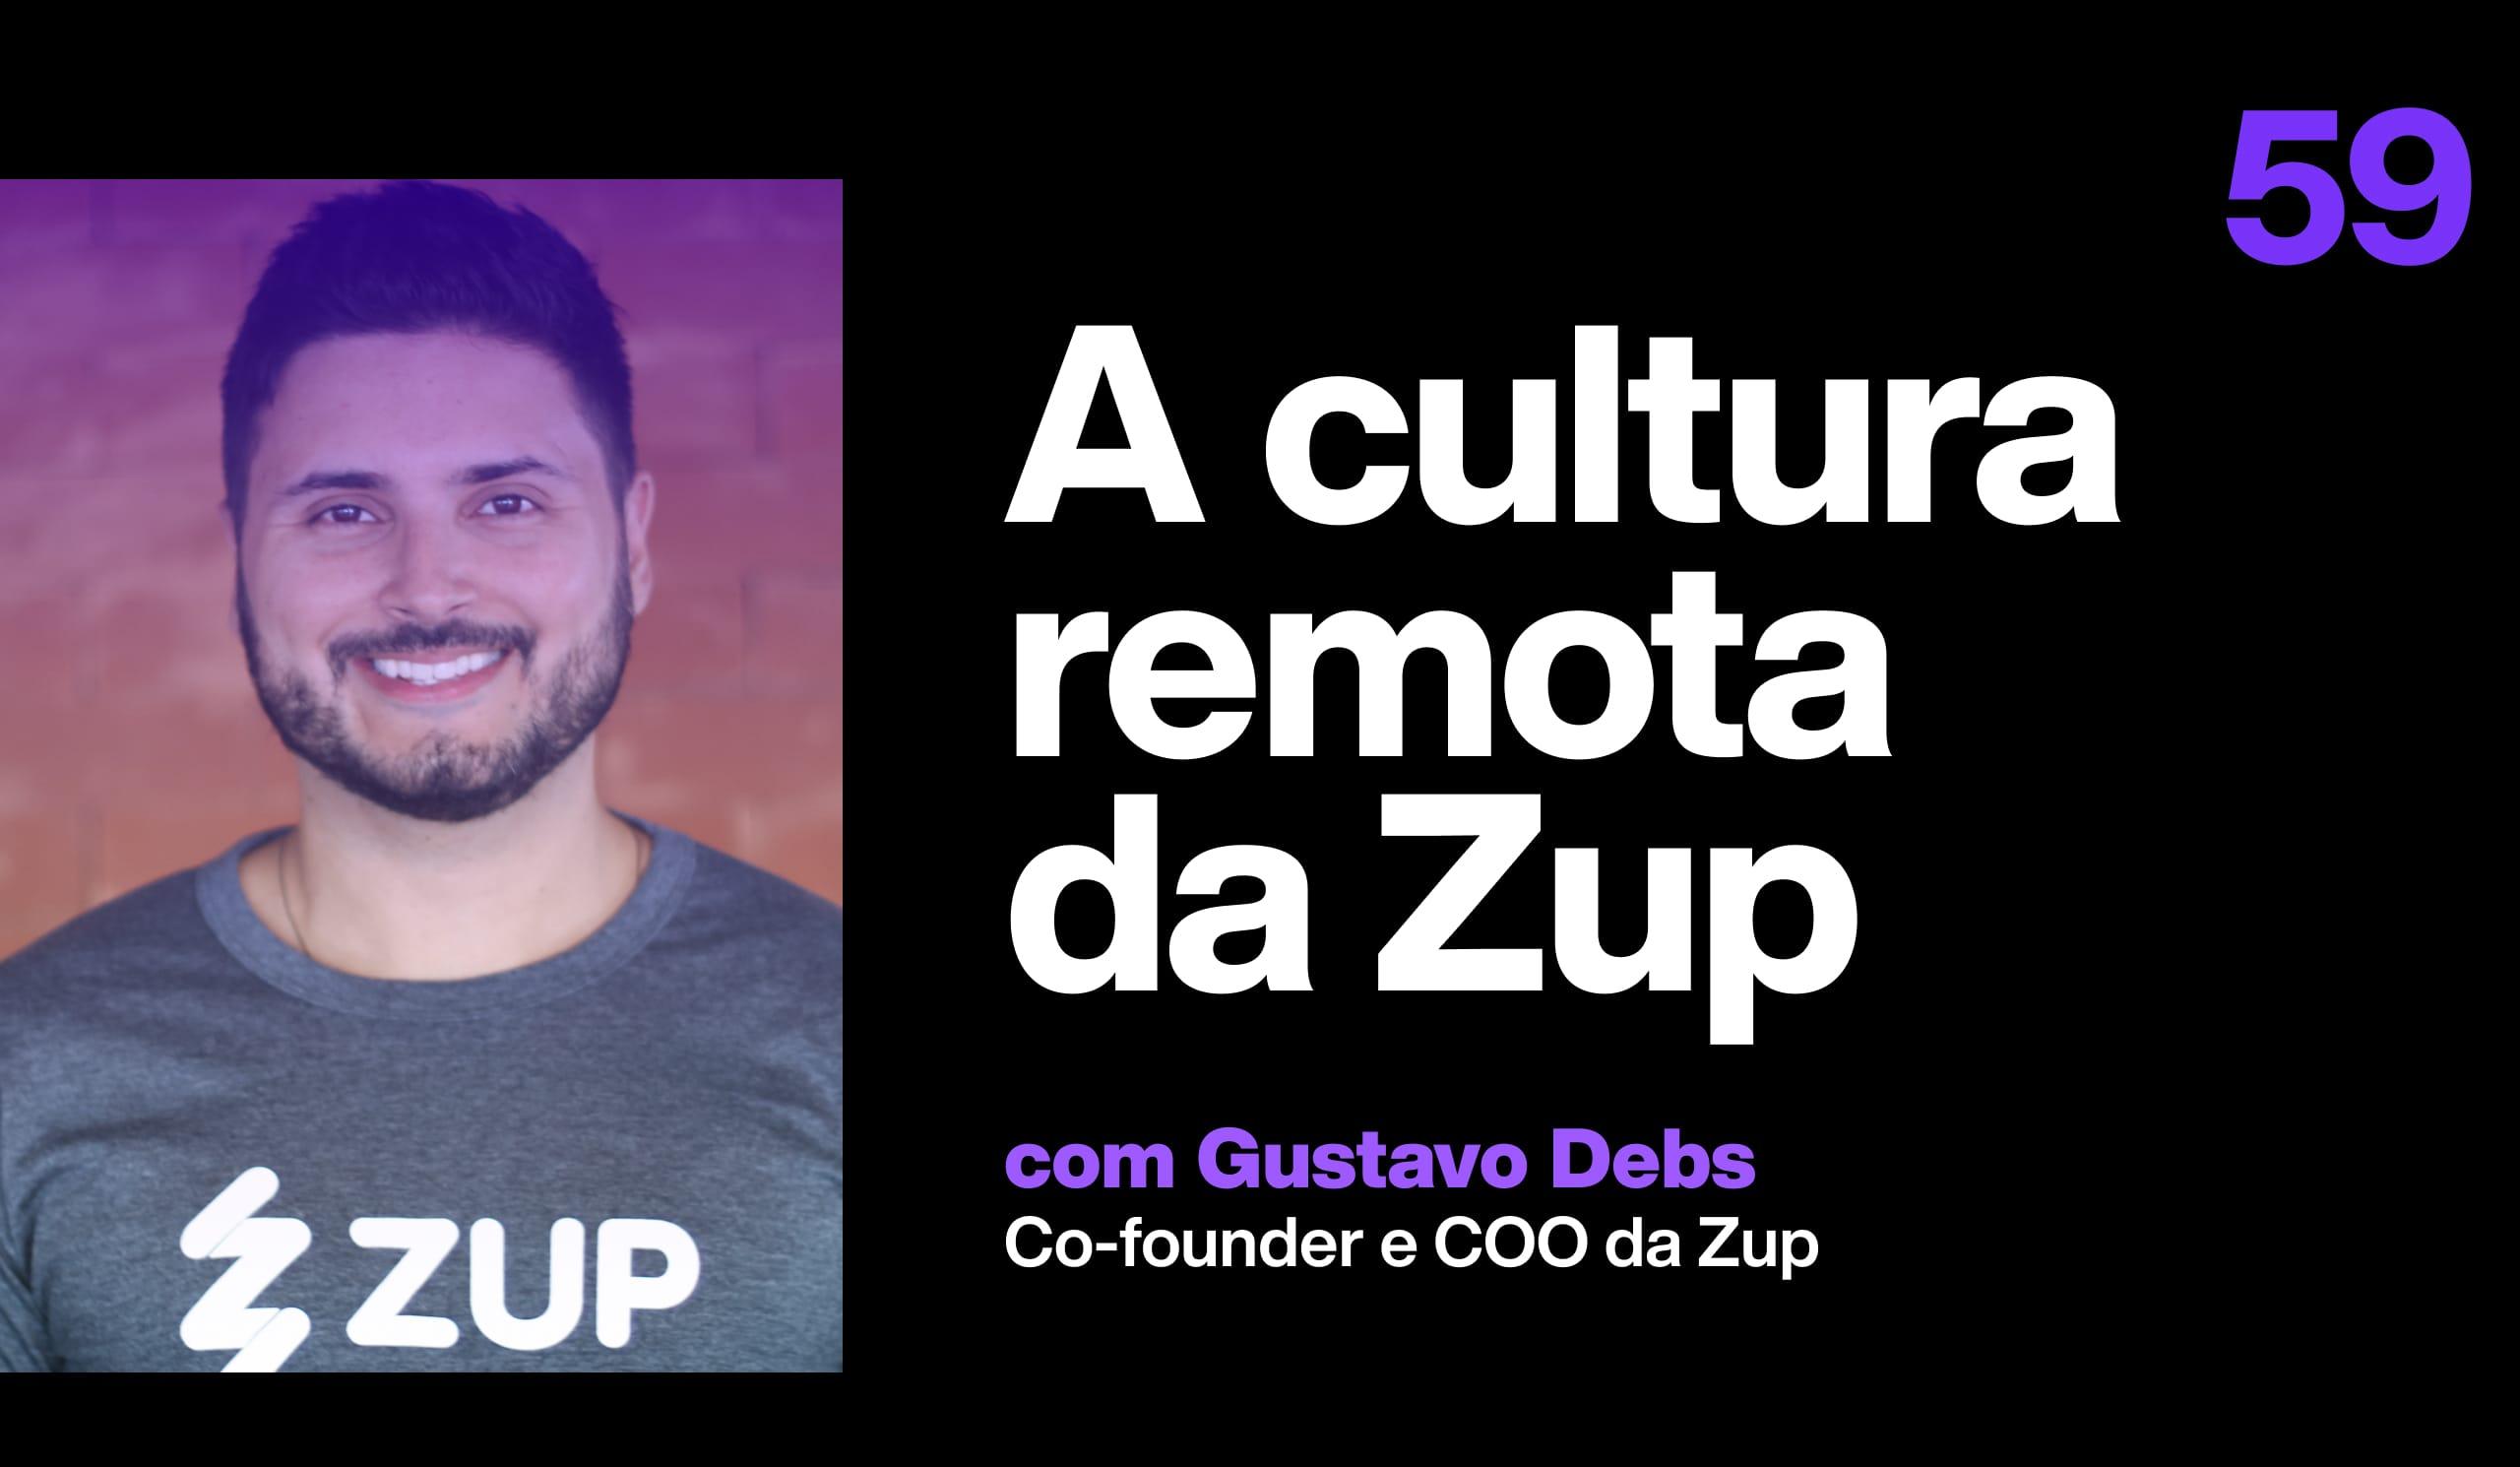 A cultura remota da Zup